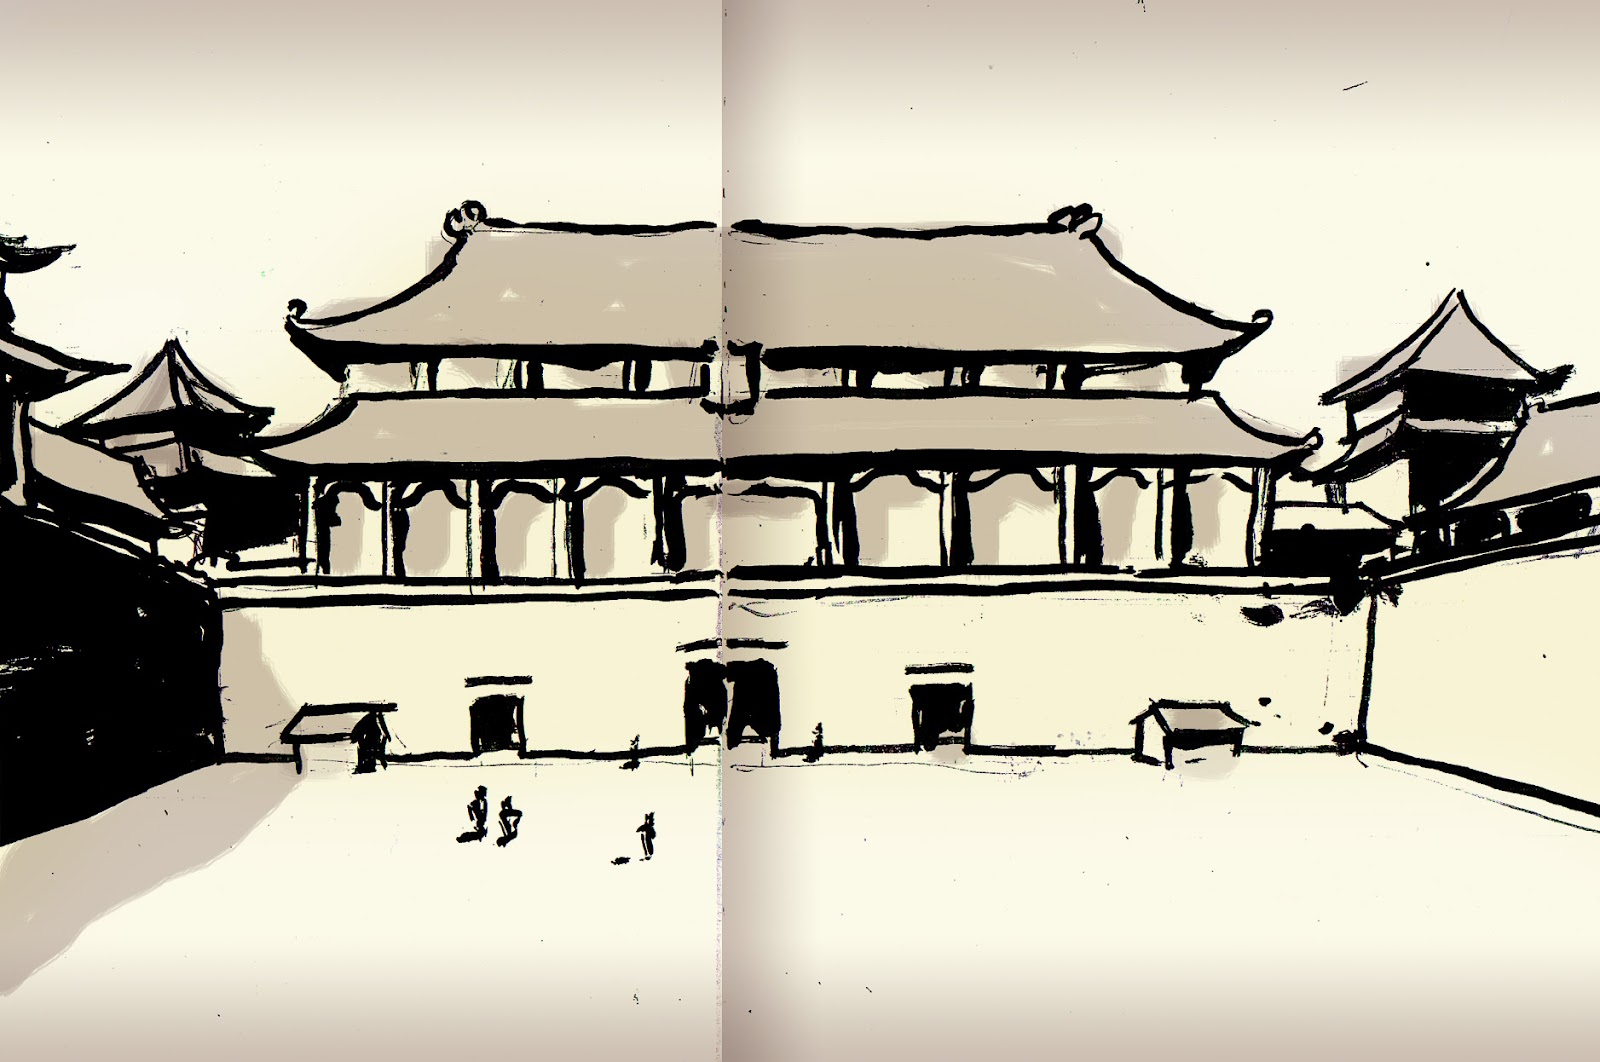 VIAJES MORROCOTUDOS: El Hombre de Pekin